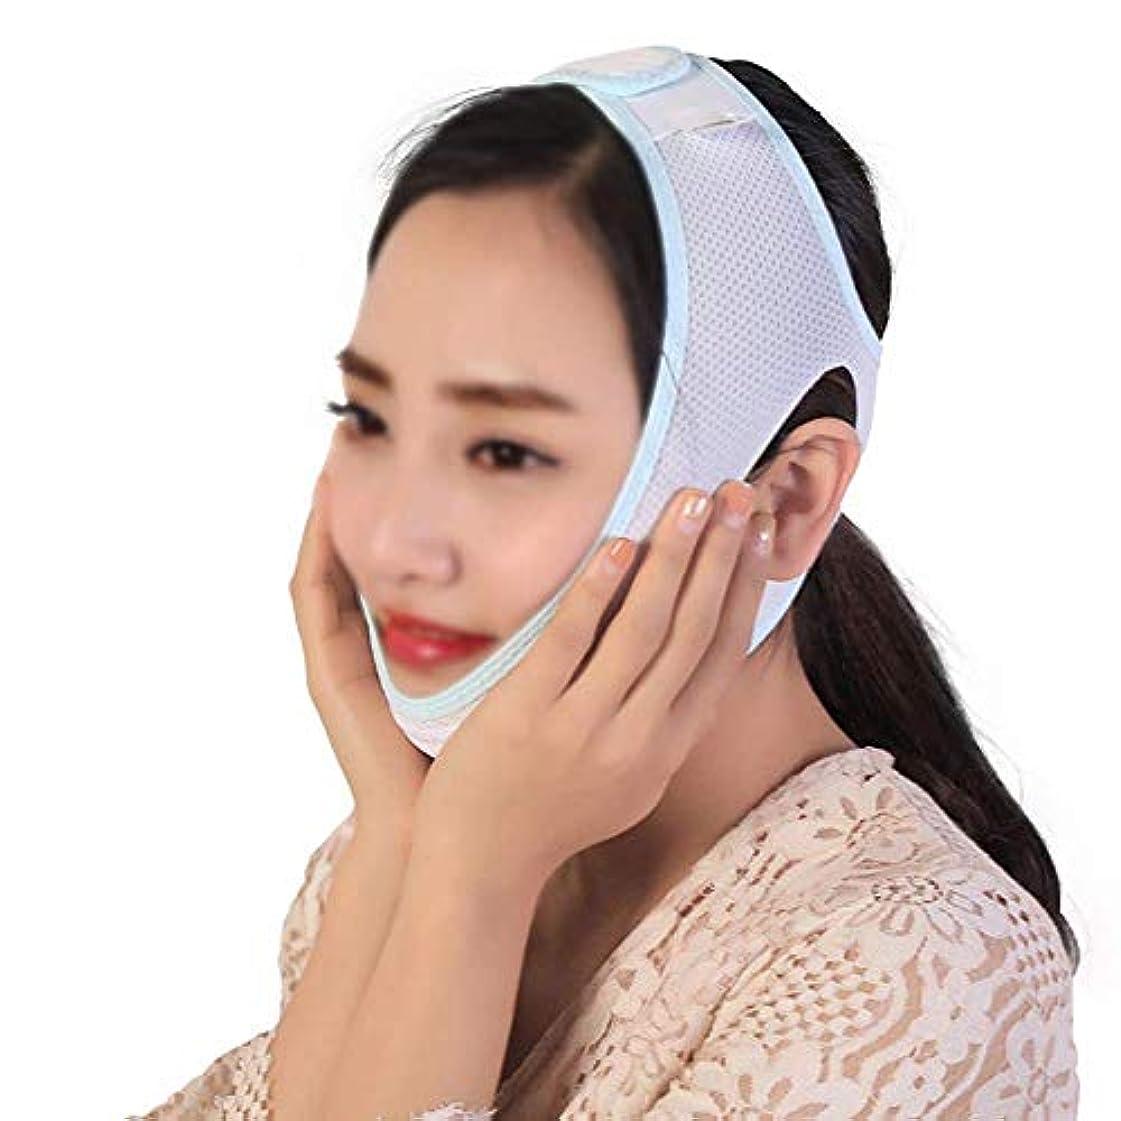 型すばらしいですイヤホンファーミングフェイスマスク、スモールVフェイスアーティファクトリフティングフェイスプラスチックフェイスマスクコンフォートアップグレード最適化フェイスカーブの向上包括的な 包帯(サイズ:L),M